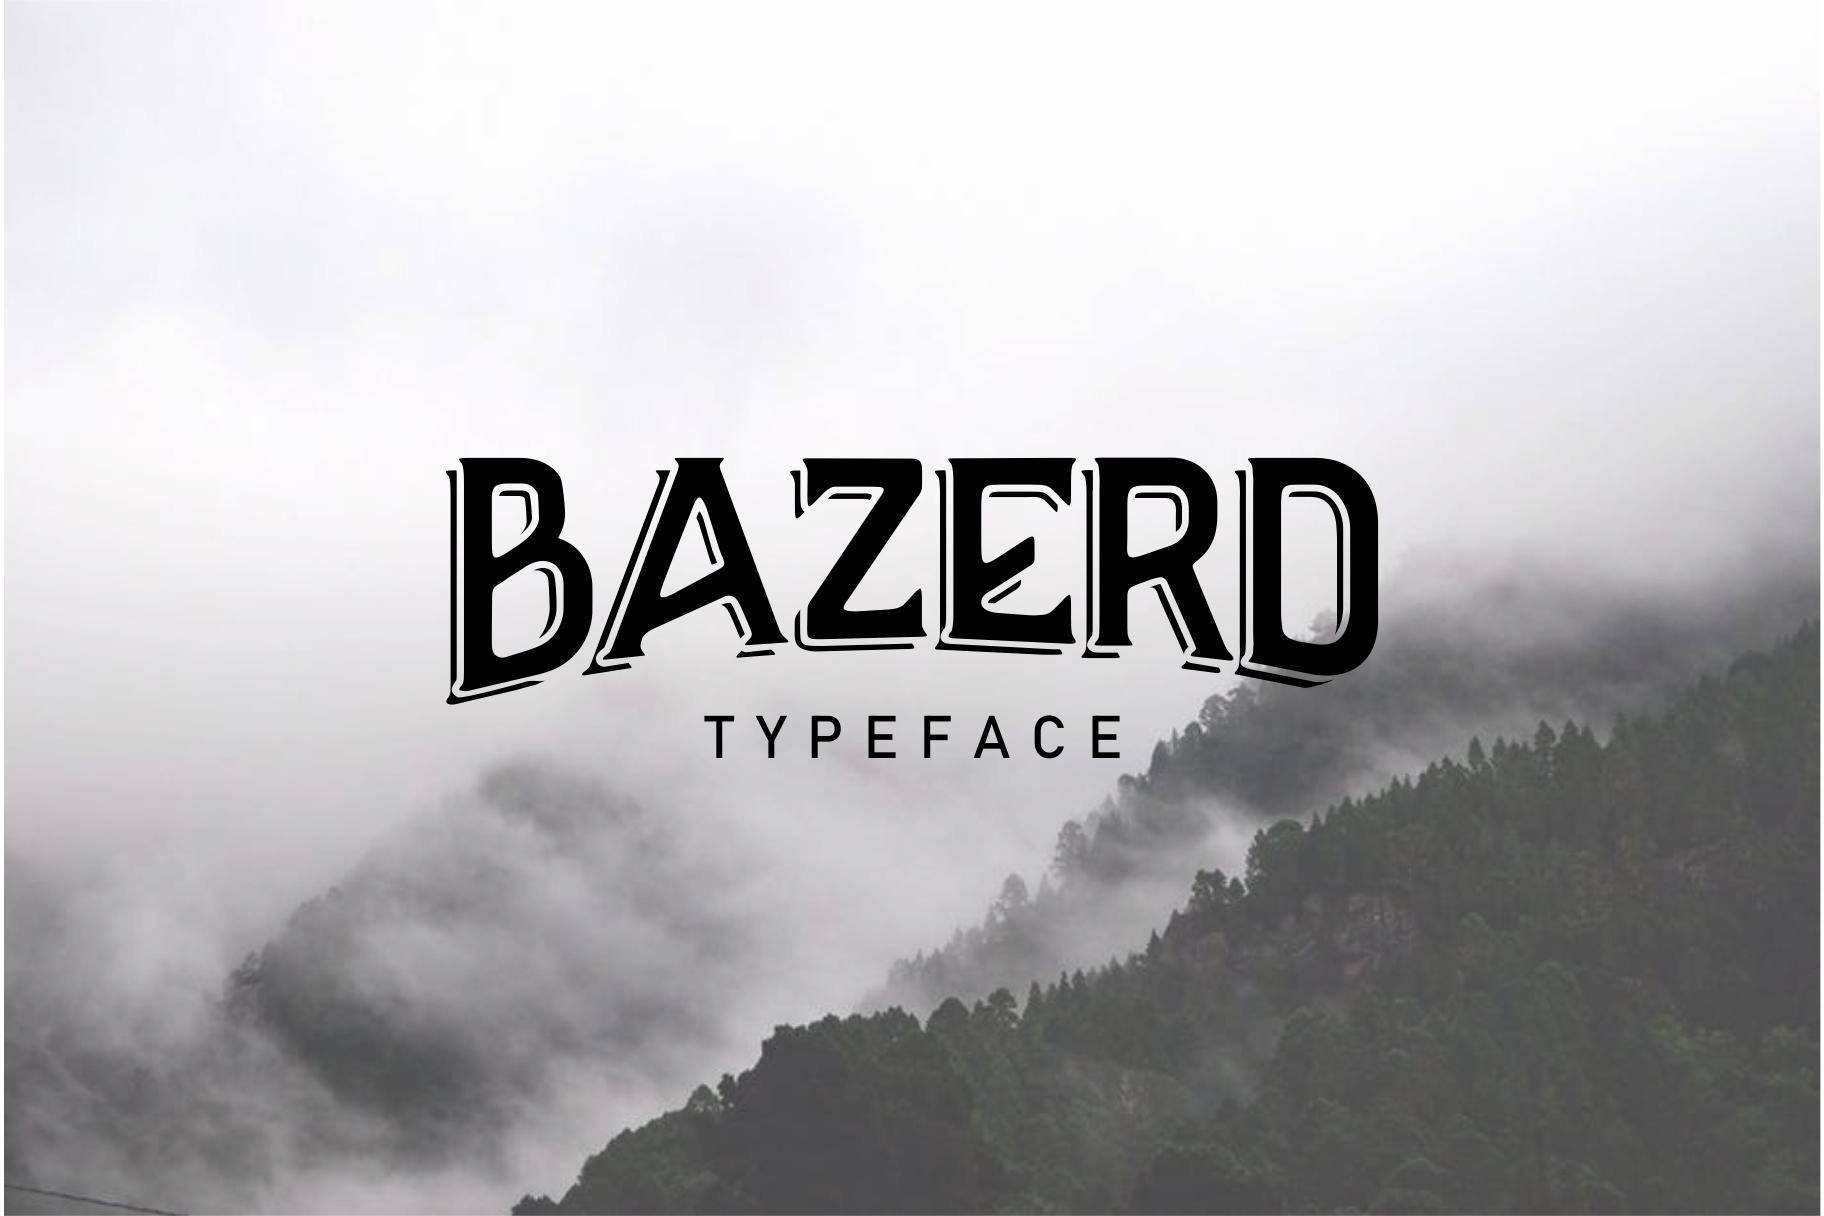 BAZERD example image 1